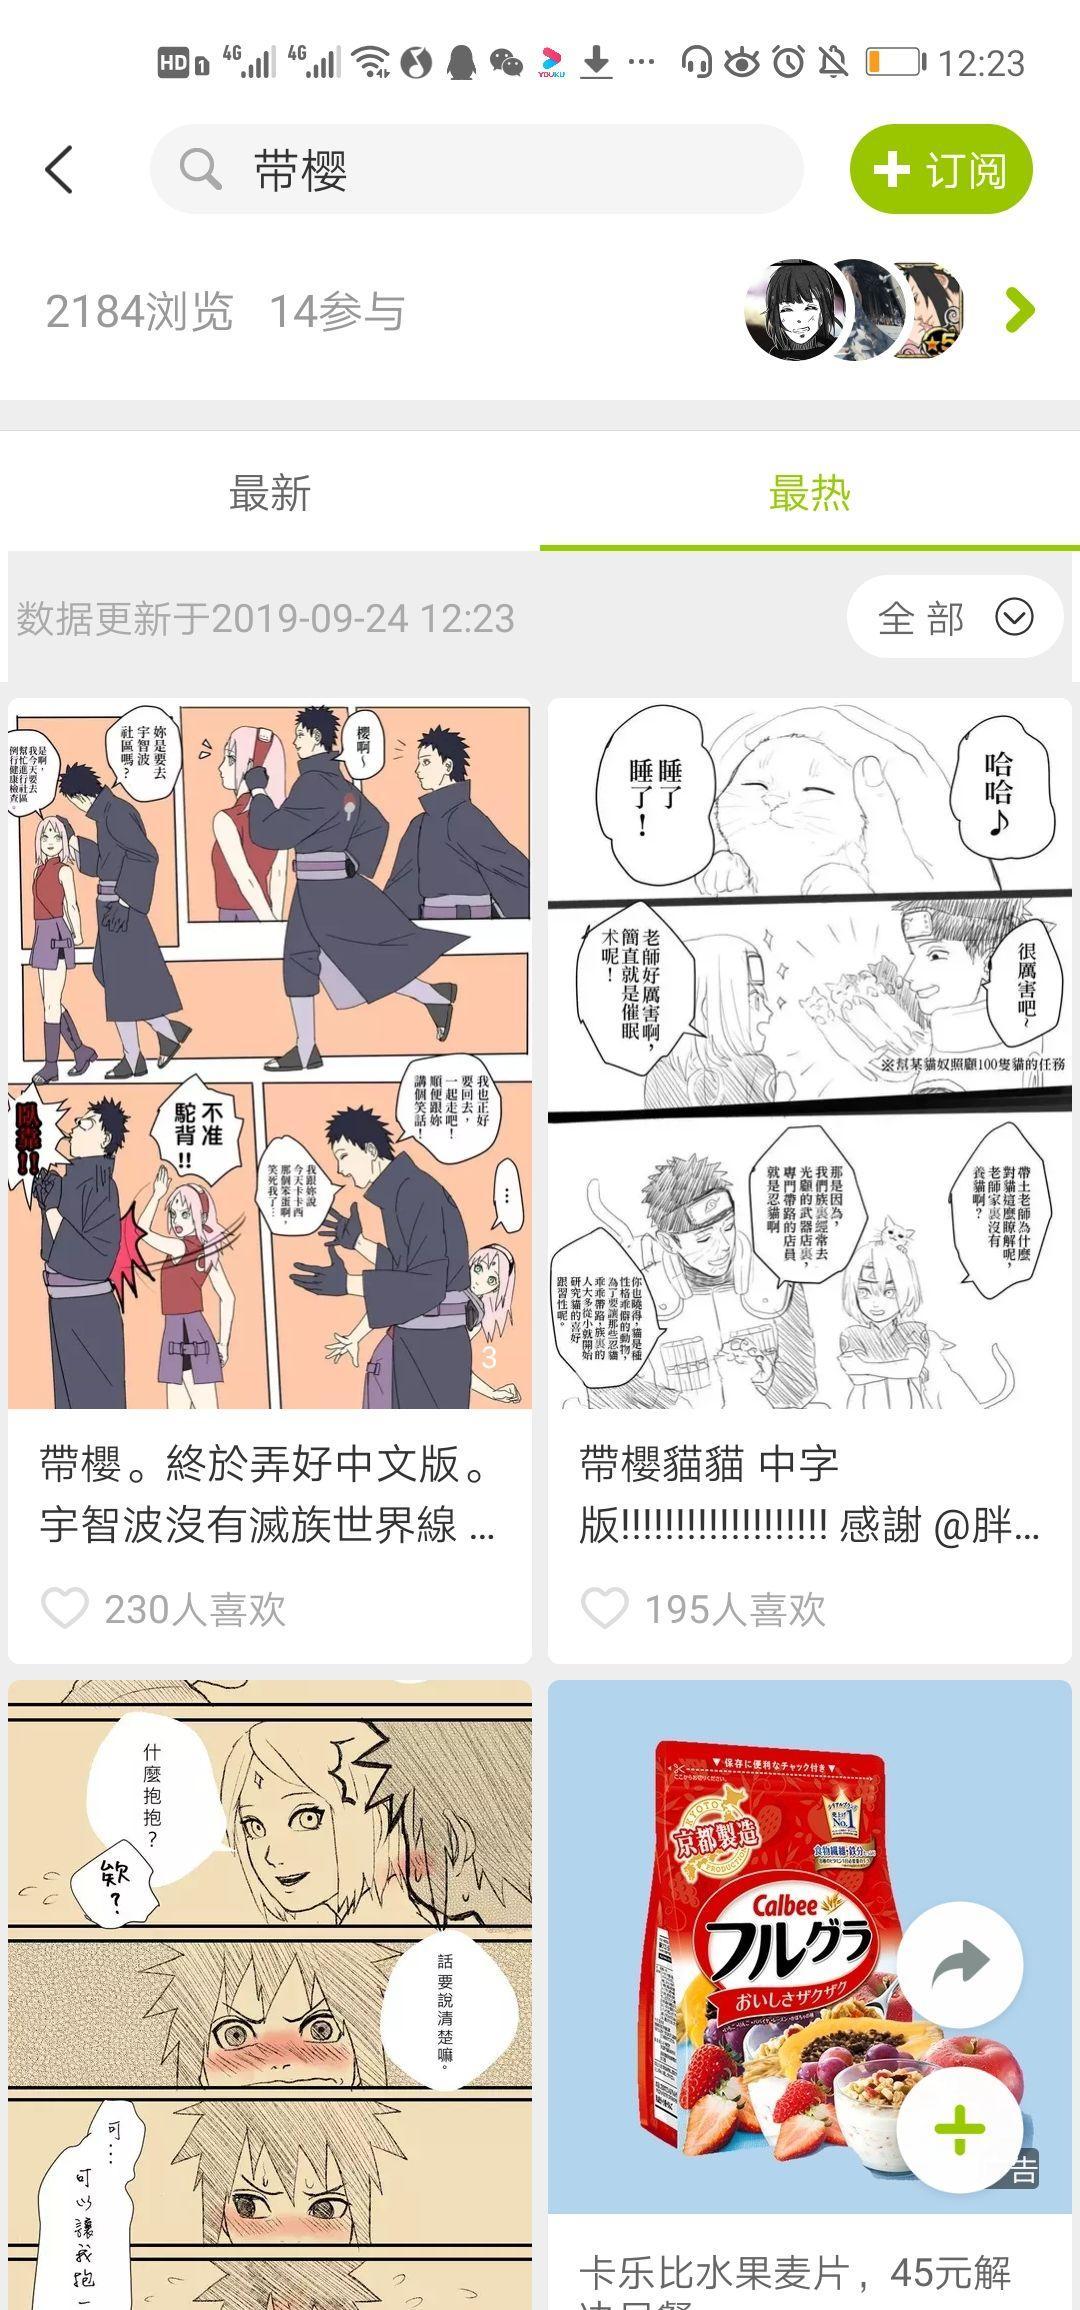 火影忍者小樱被上图_为什么有那么多人不喜欢《火影忍者》中的小樱? - 知乎